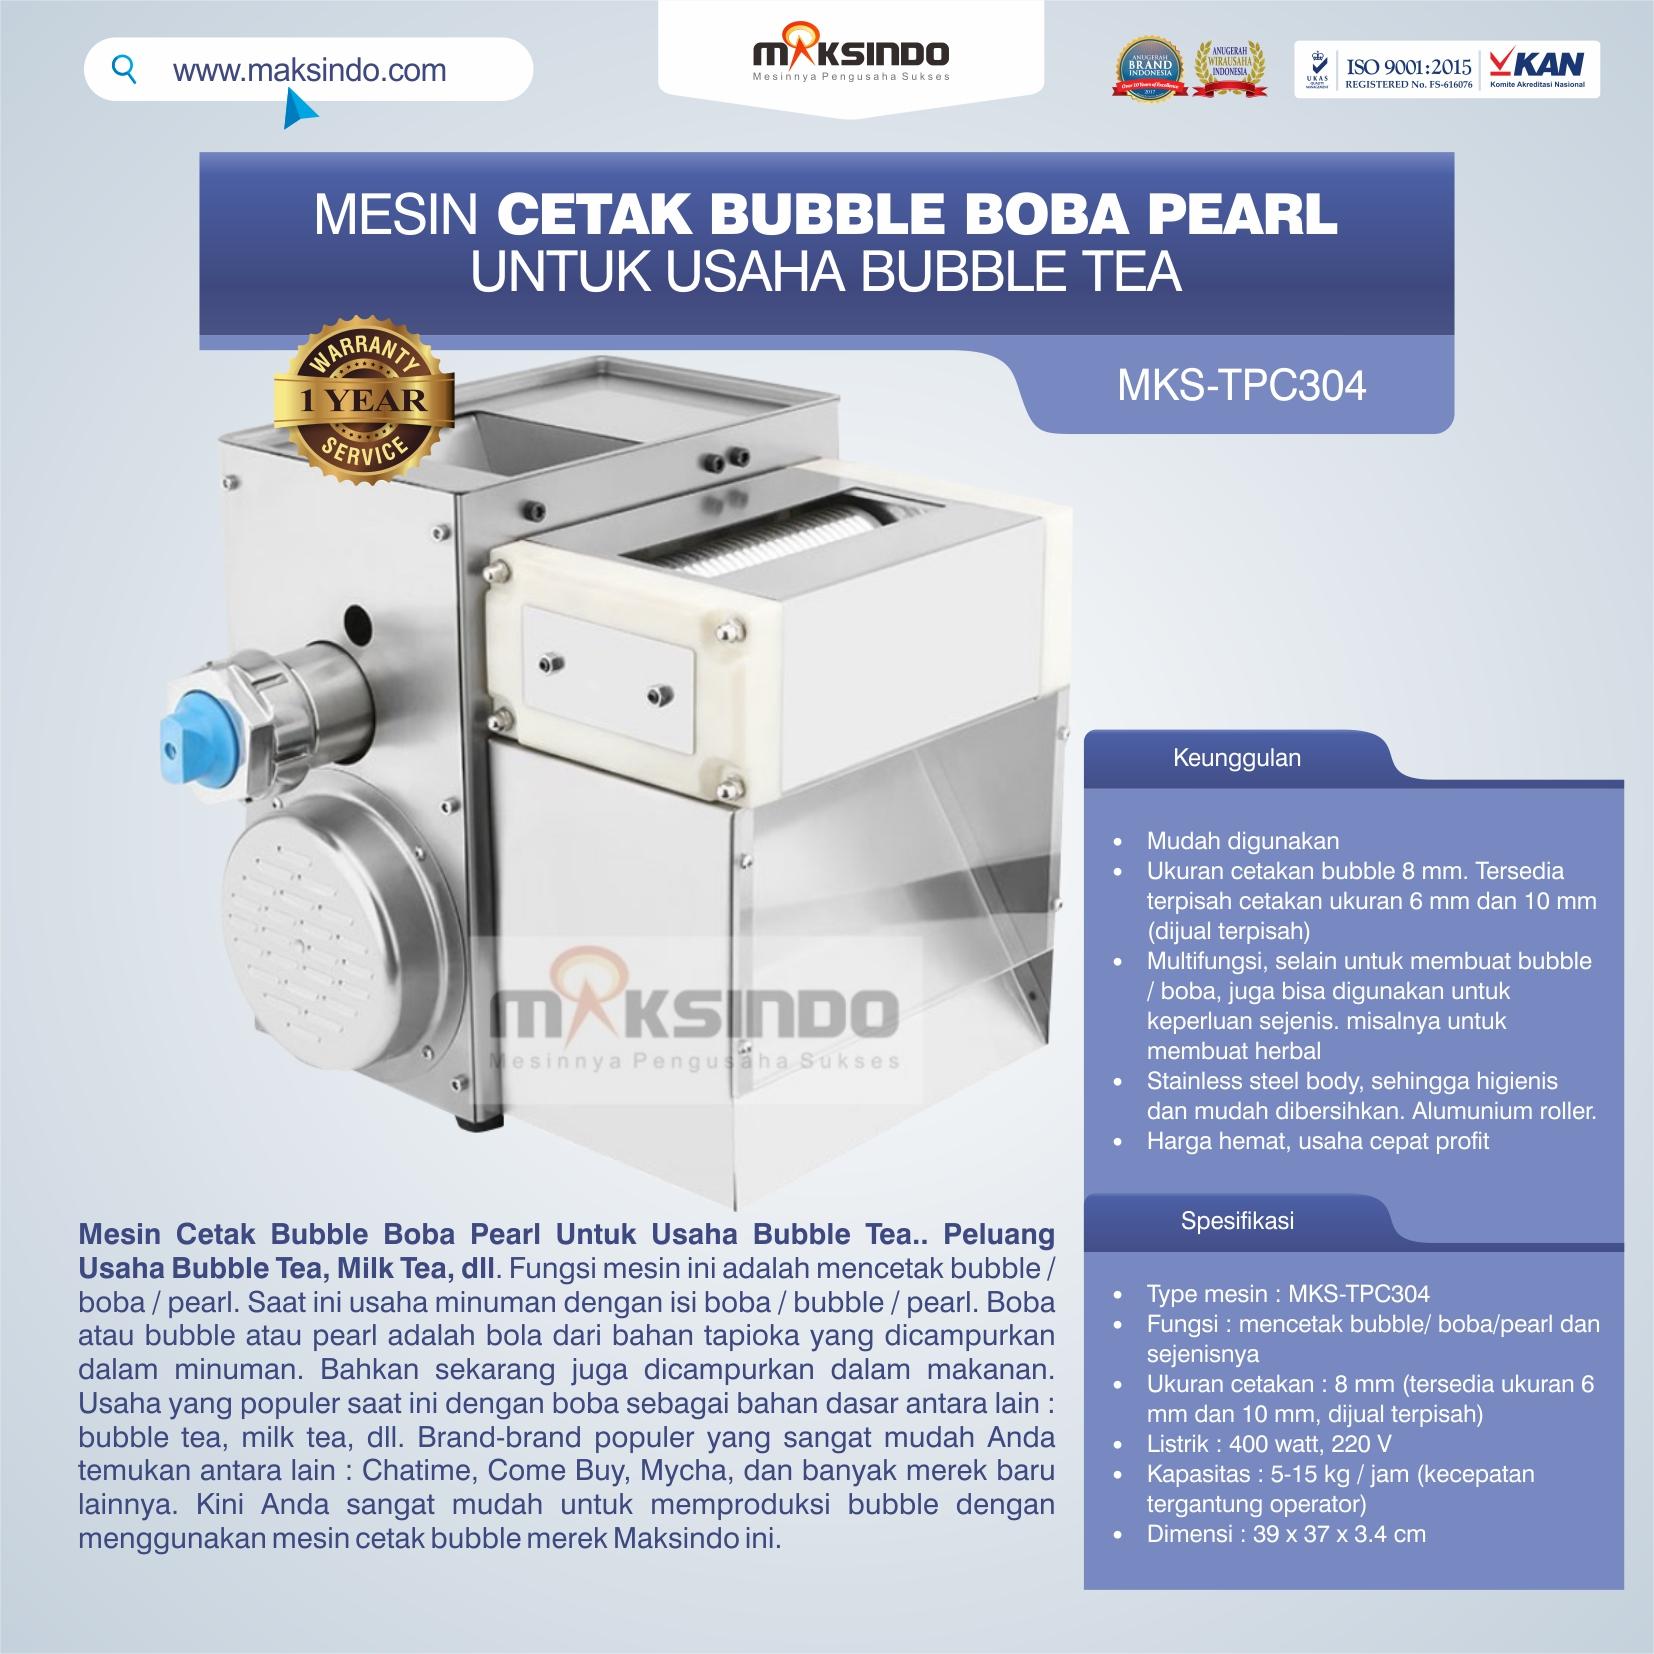 Jual Mesin Cetak Bubble Boba Pearl Untuk Usaha Bubble Tea di Jakarta